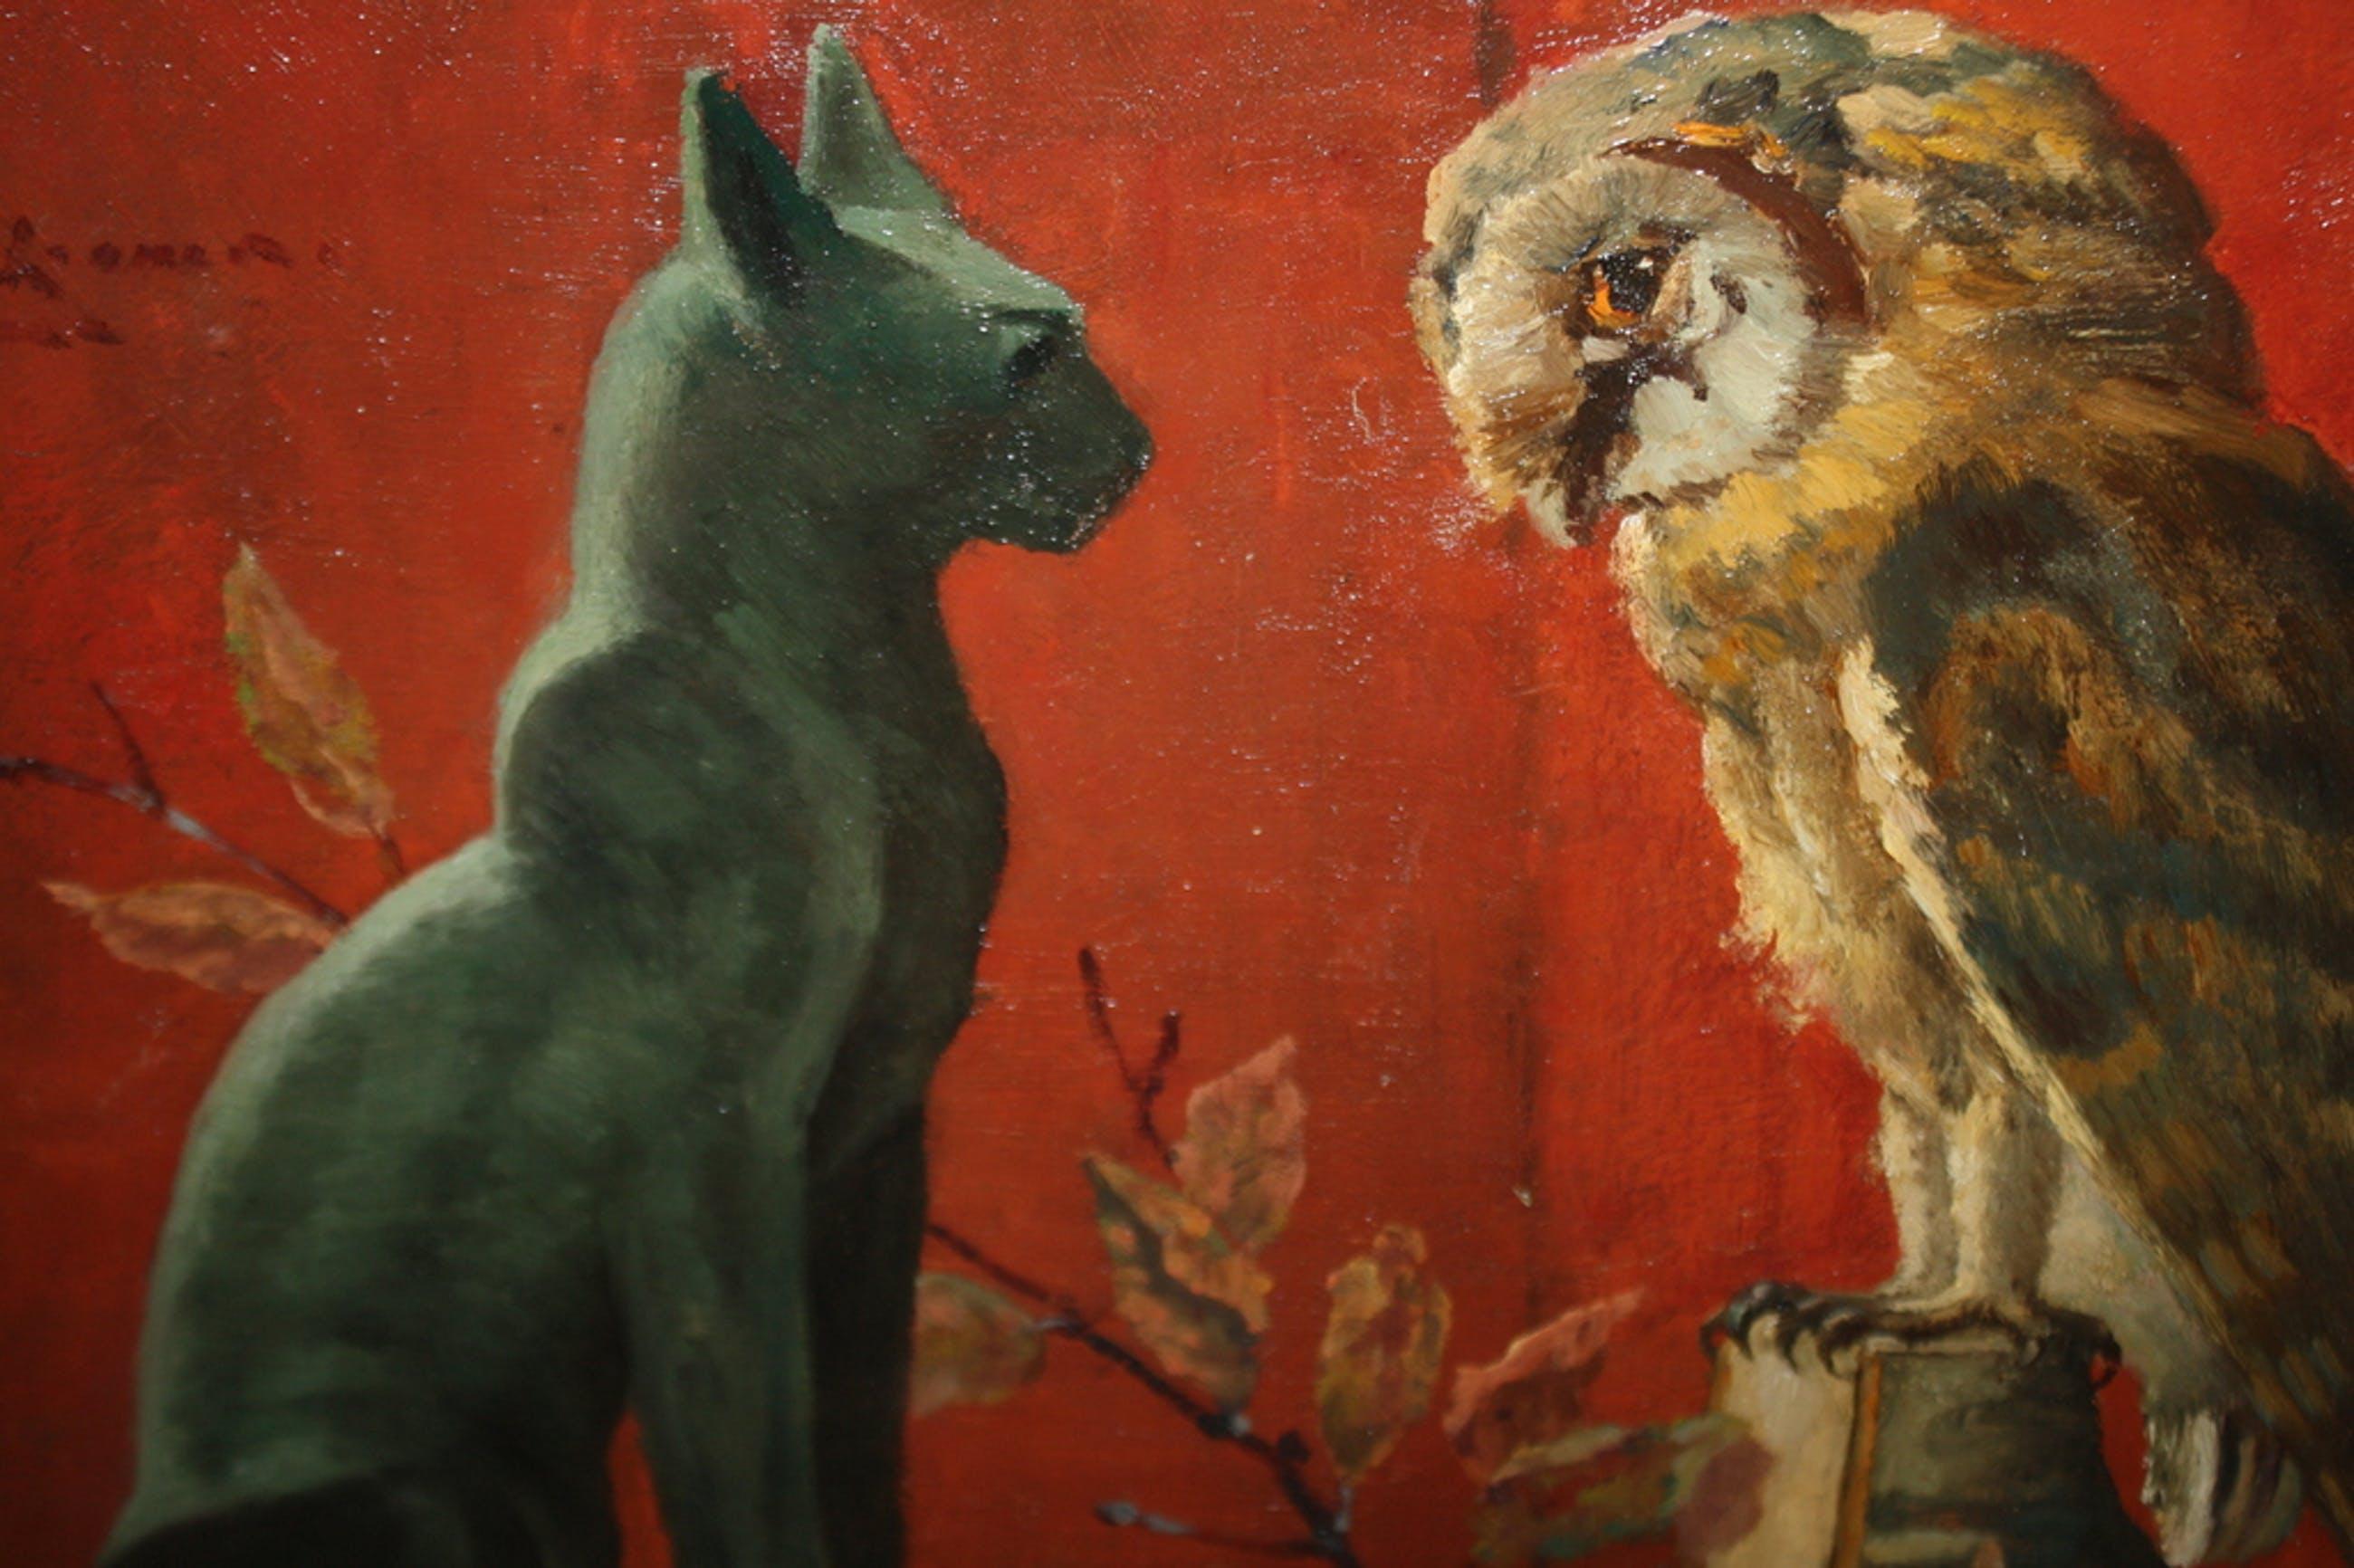 KAT EN UIL - ART DECO van SIEGER BAUKEMA kopen? Bied vanaf 275!